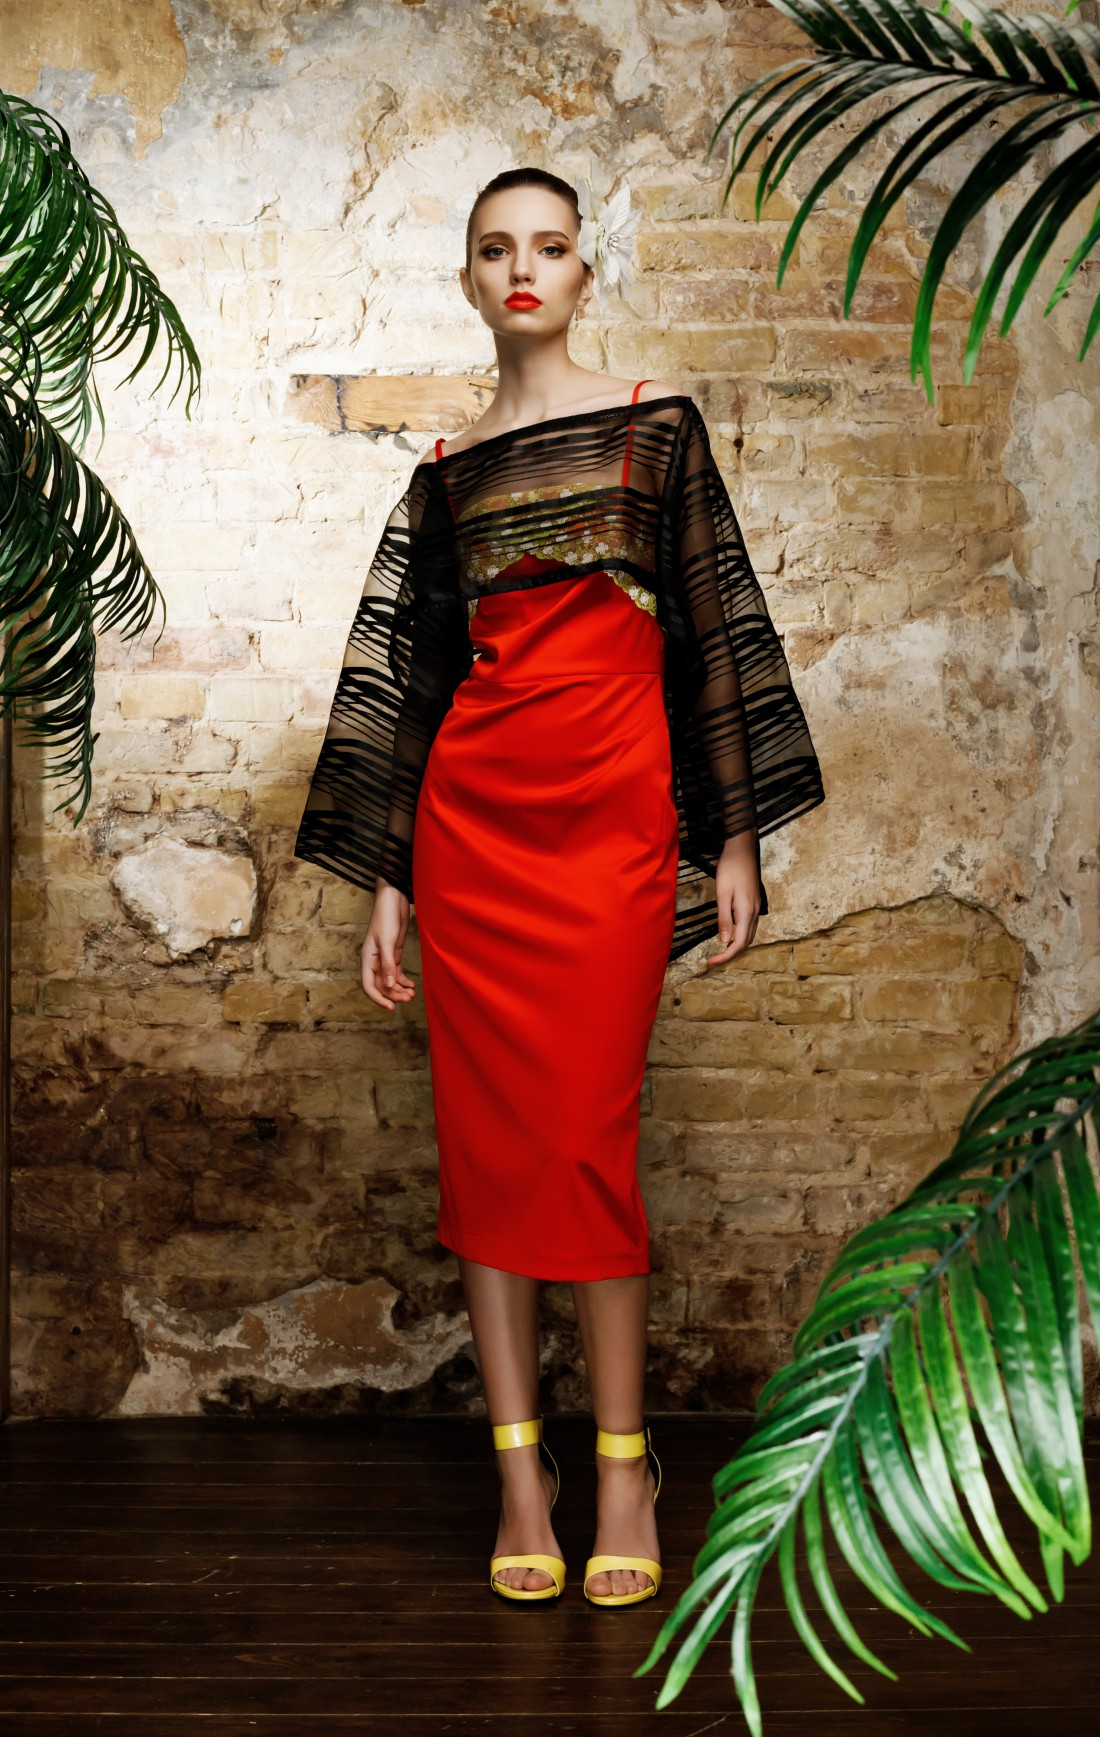 Красное платье от Gosha Altshuler украсит твой день святого Валентина